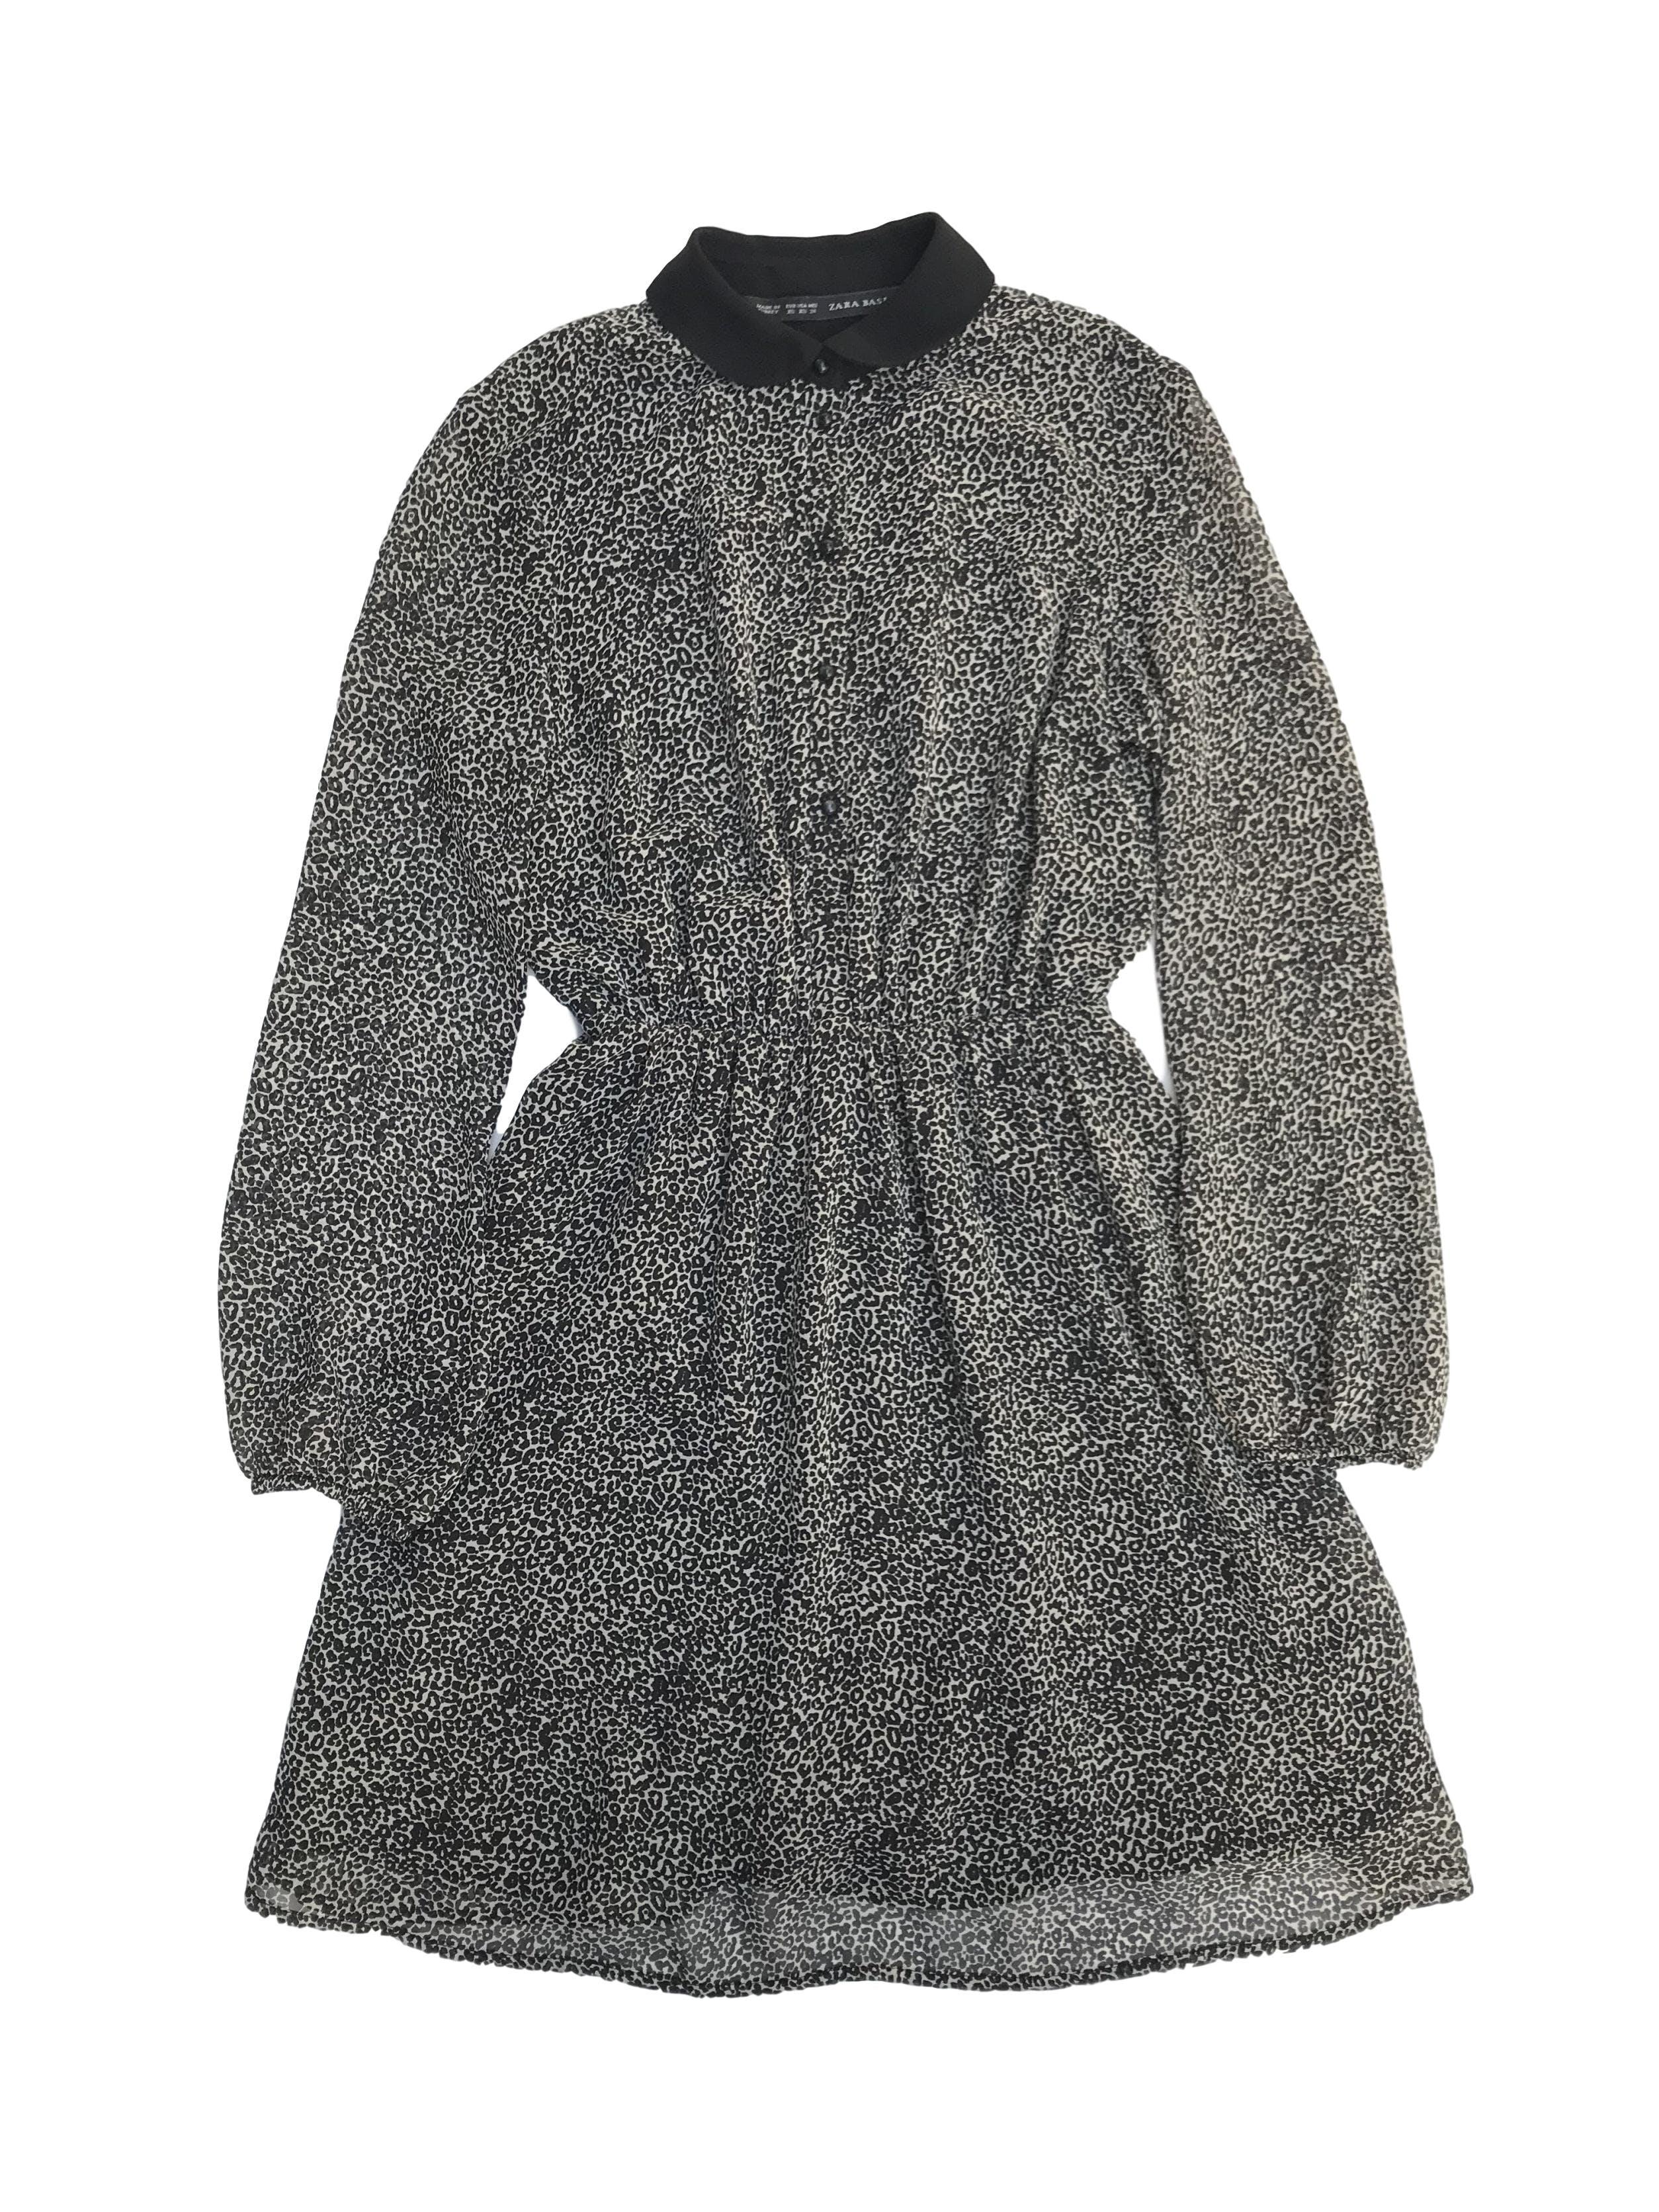 Vestido Zara de gasa estampado animal print crema y negro, cuello bebe con botones al centro, elástico en la cintura y forrado. Largo 86cm. Precio original S/ 200